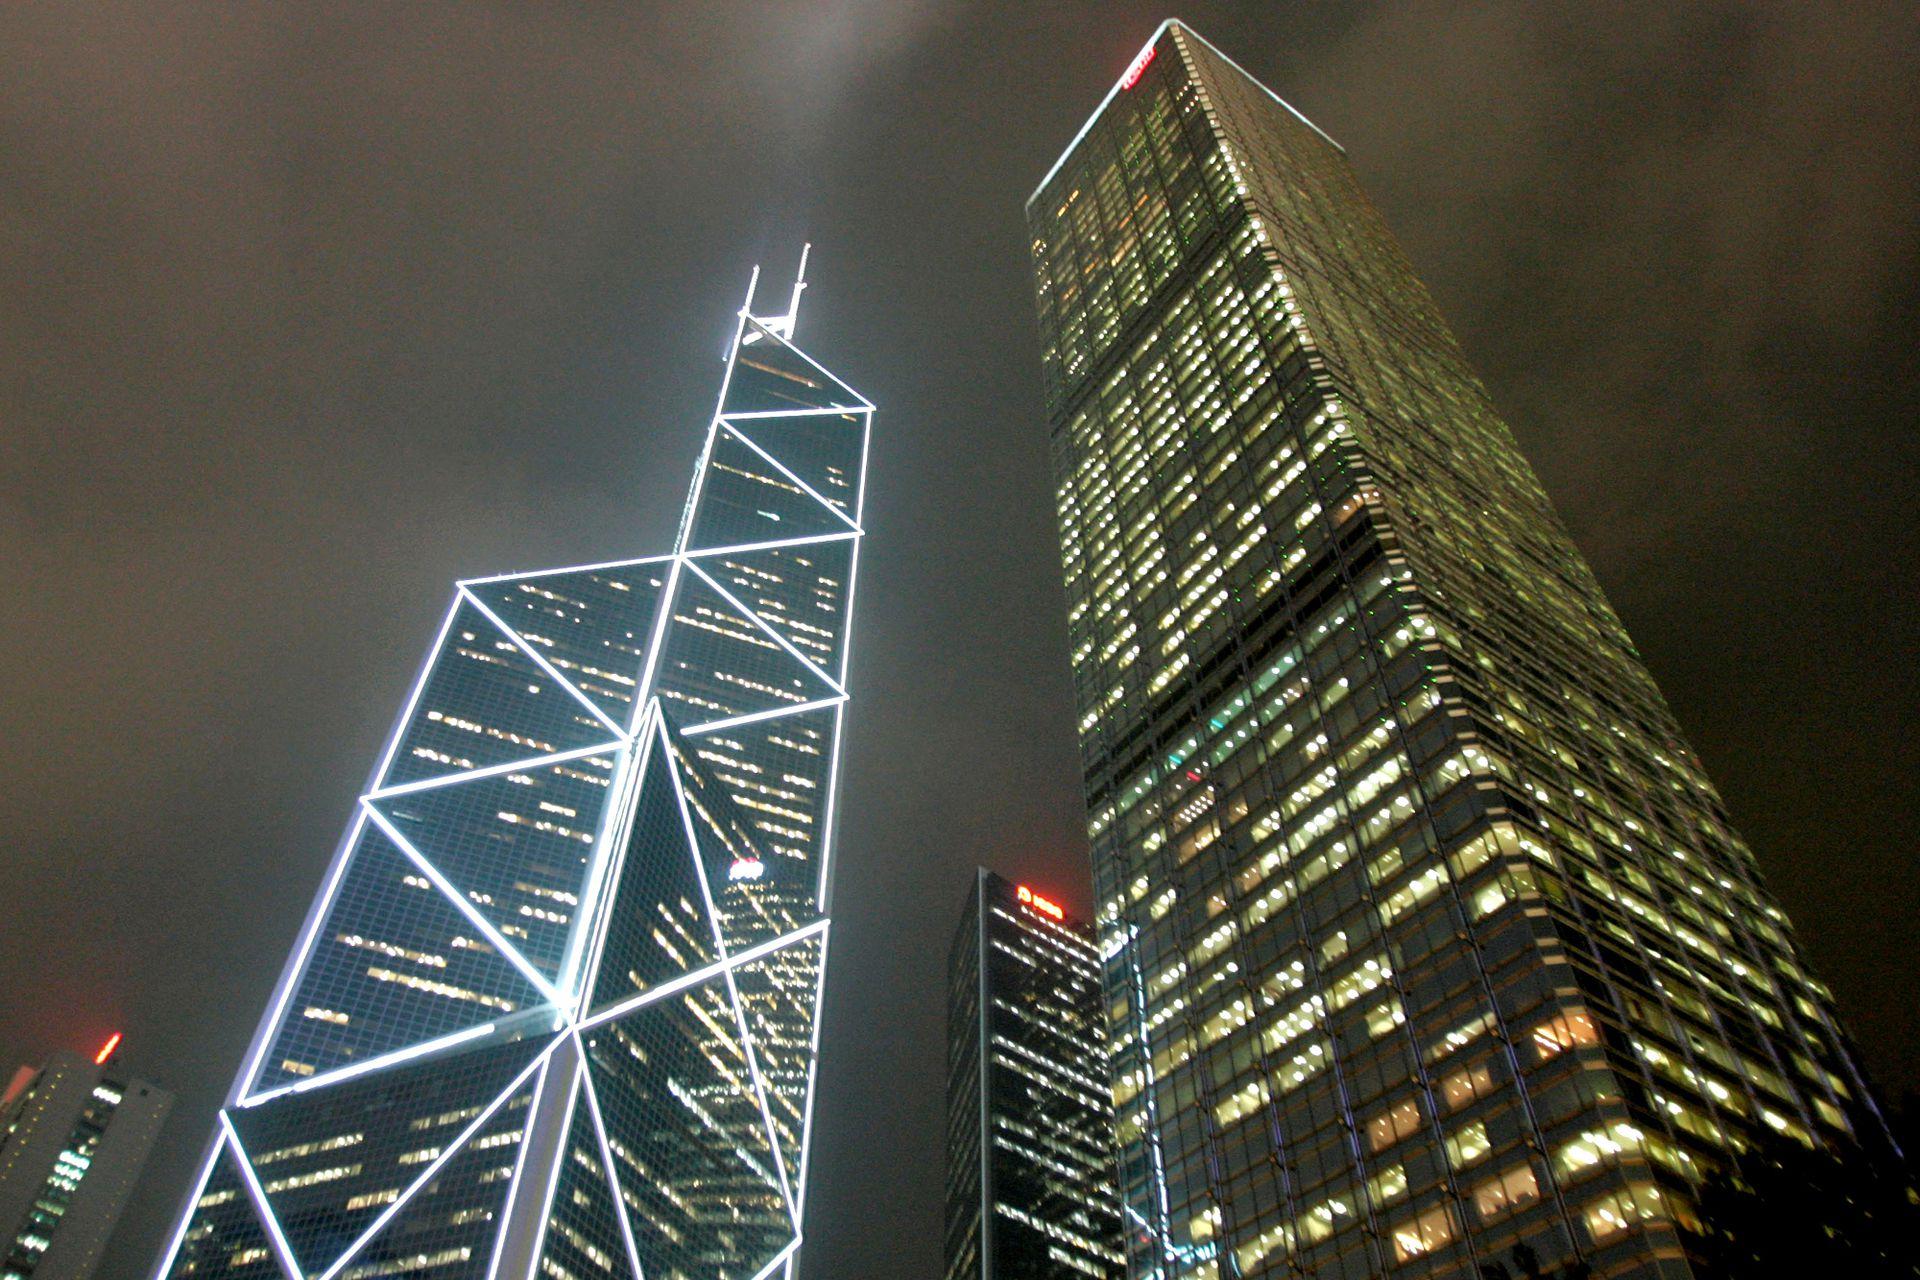 A la derecha, la torre Cheung Kong Center, diseñada por Cesar Pelli y asociados, Hsin-Yieh Architects y Leo A. Daly Pacific Limited